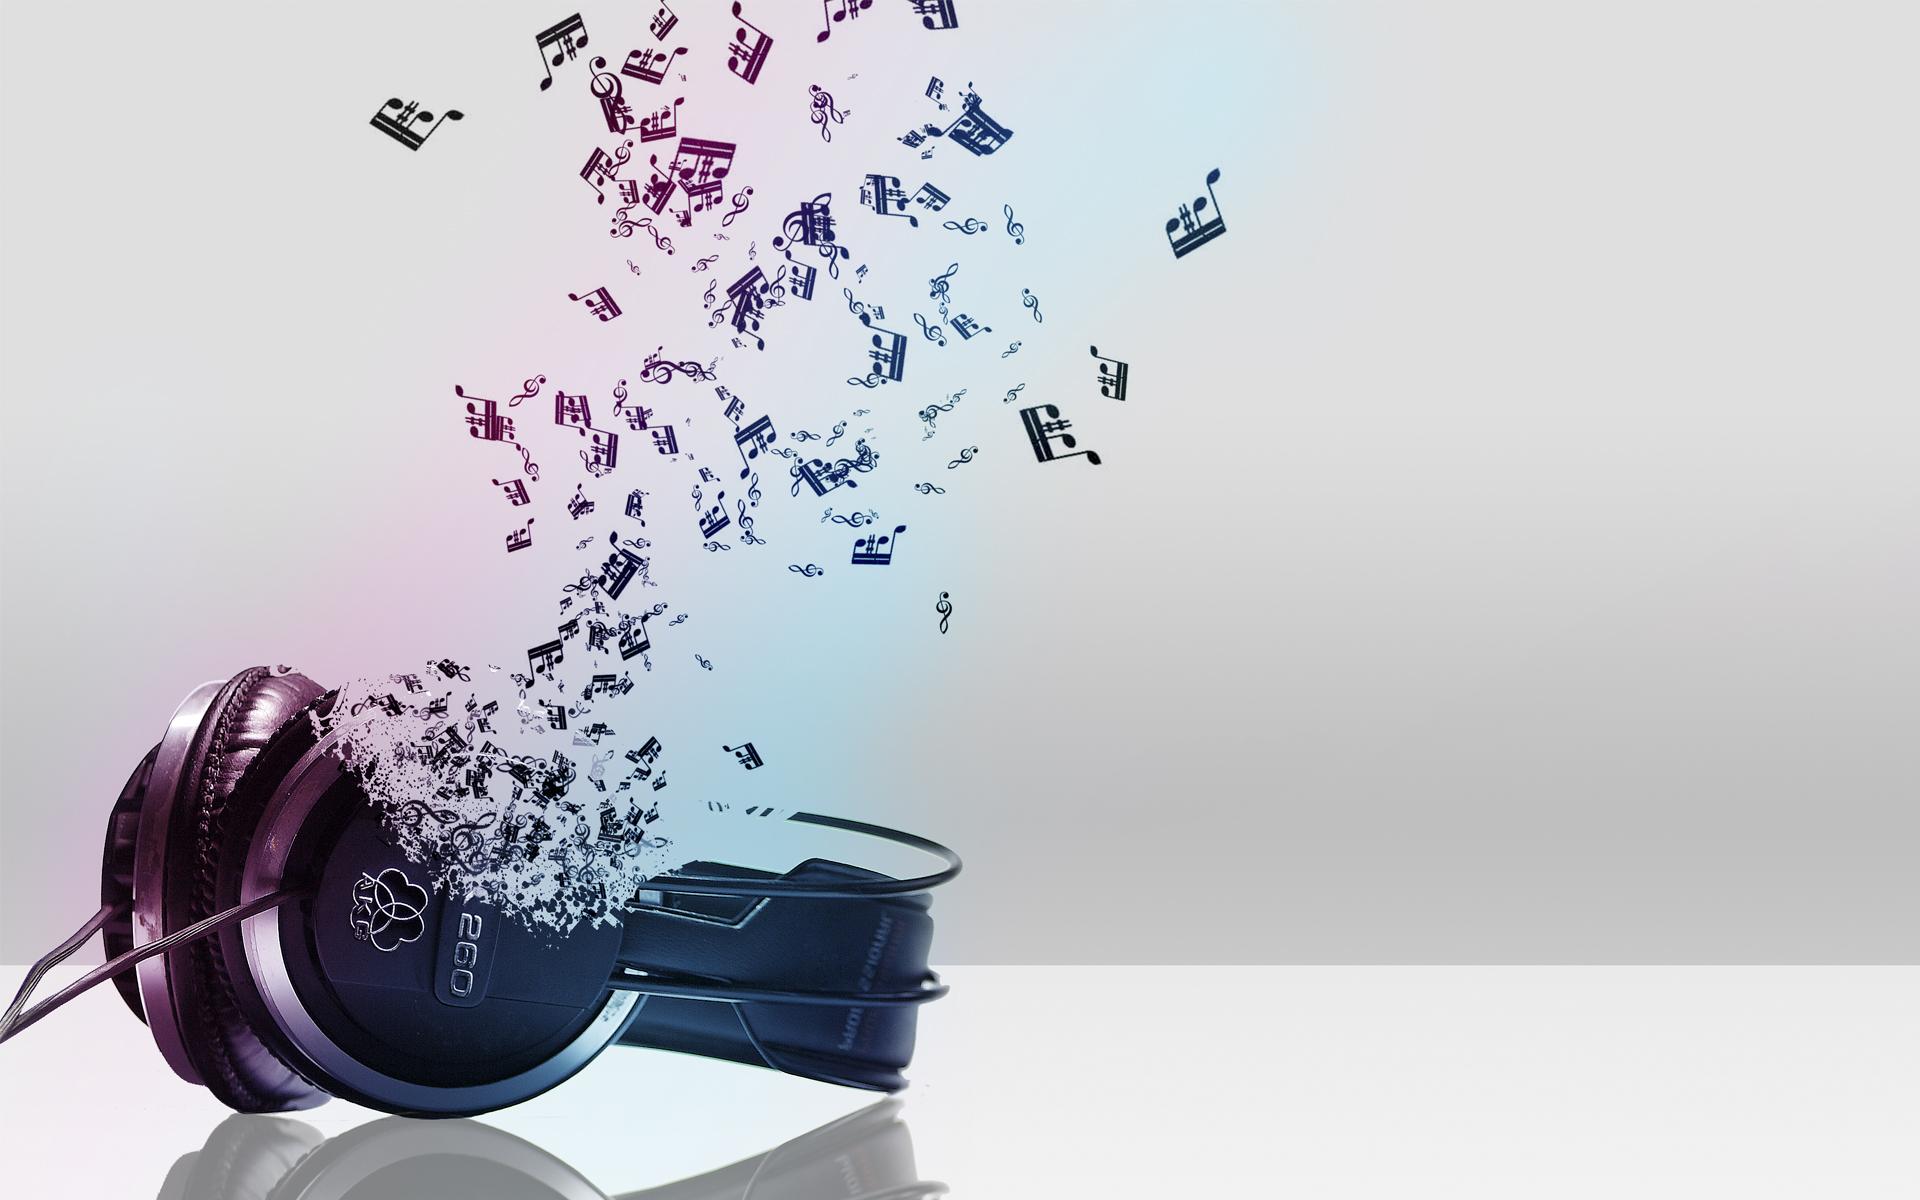 music@7tint